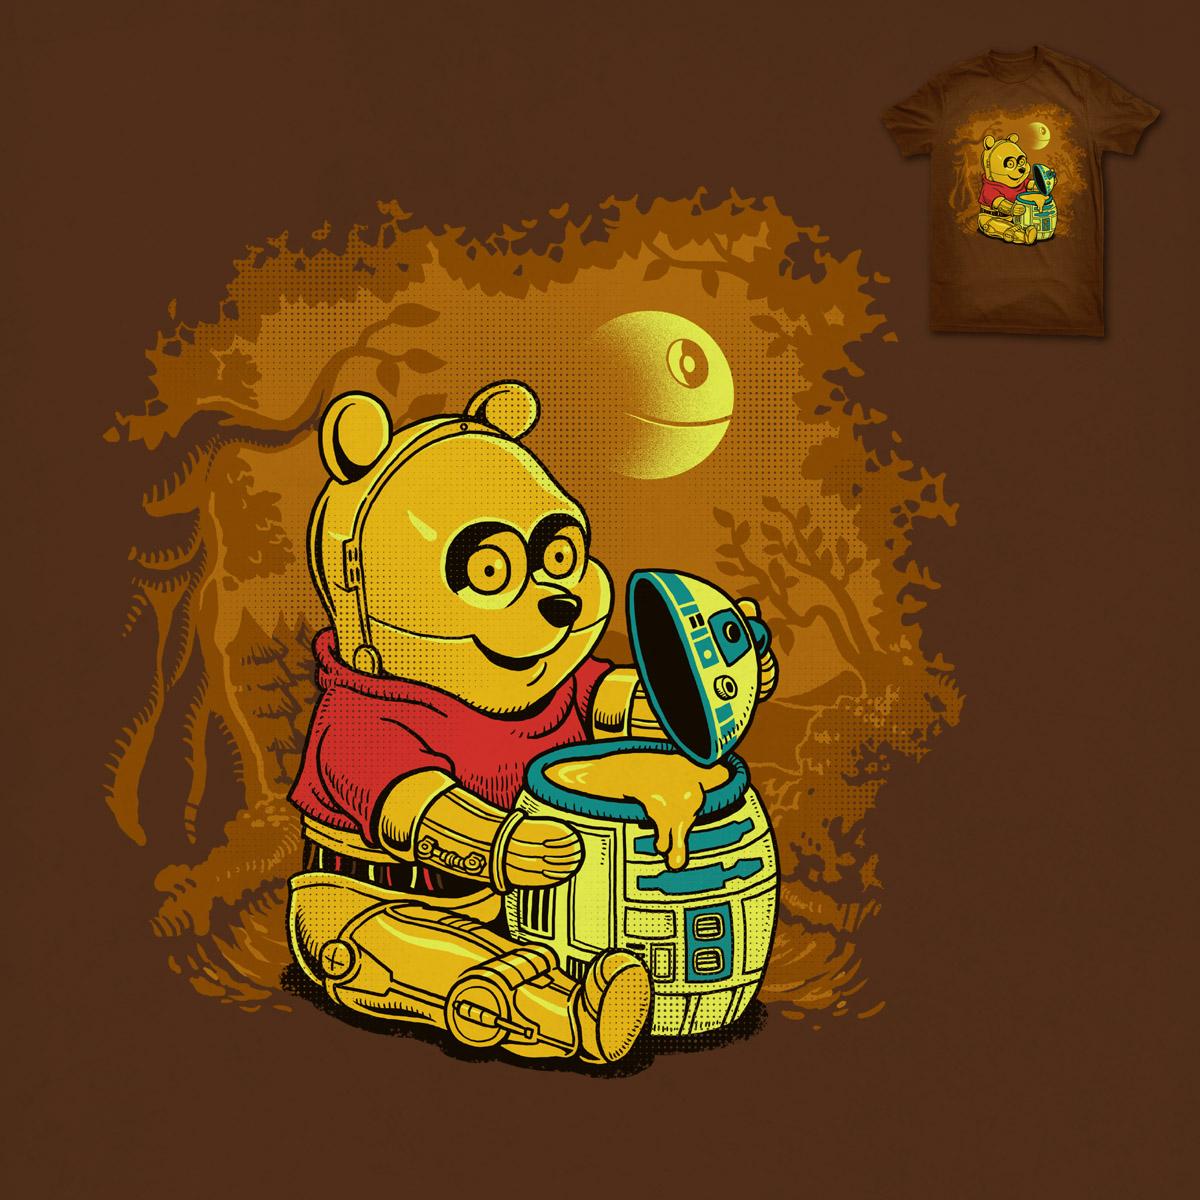 Star Winnie by ben chen on Threadless